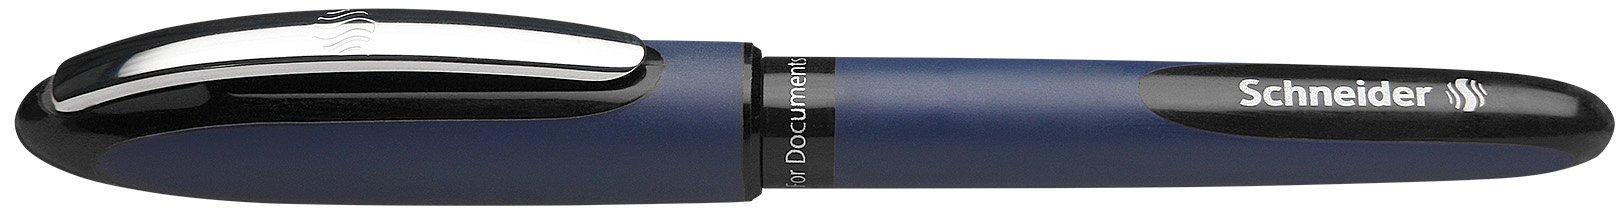 Schneider ONE Business Rollerball Pen, 0.6mm, Black, Box of 10 (183001) by Schneider (Image #2)